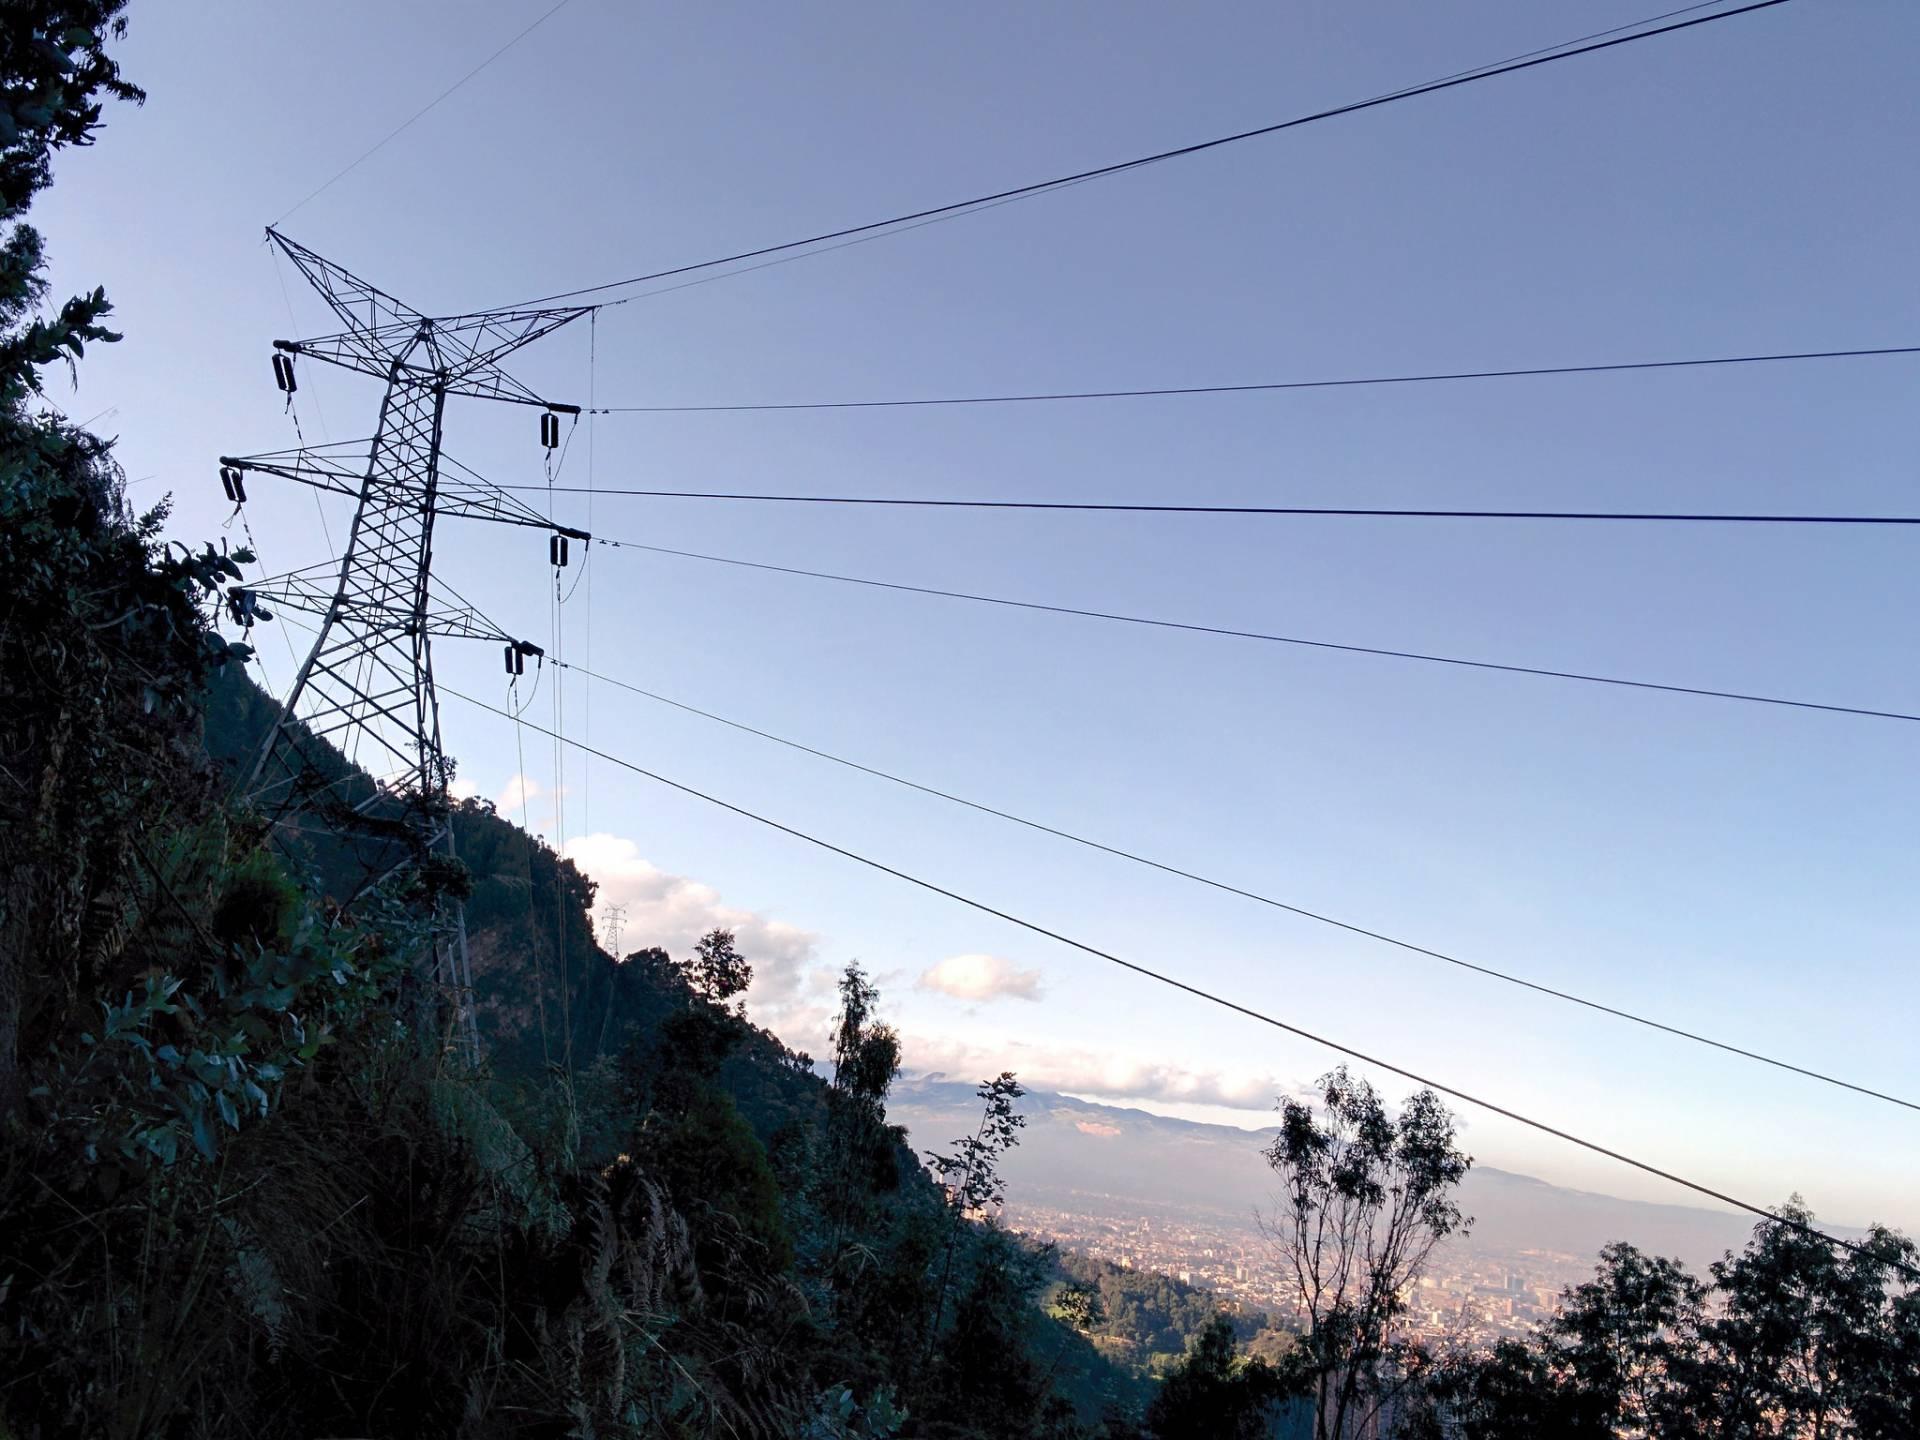 Torre-electricidad-gabriel-porras